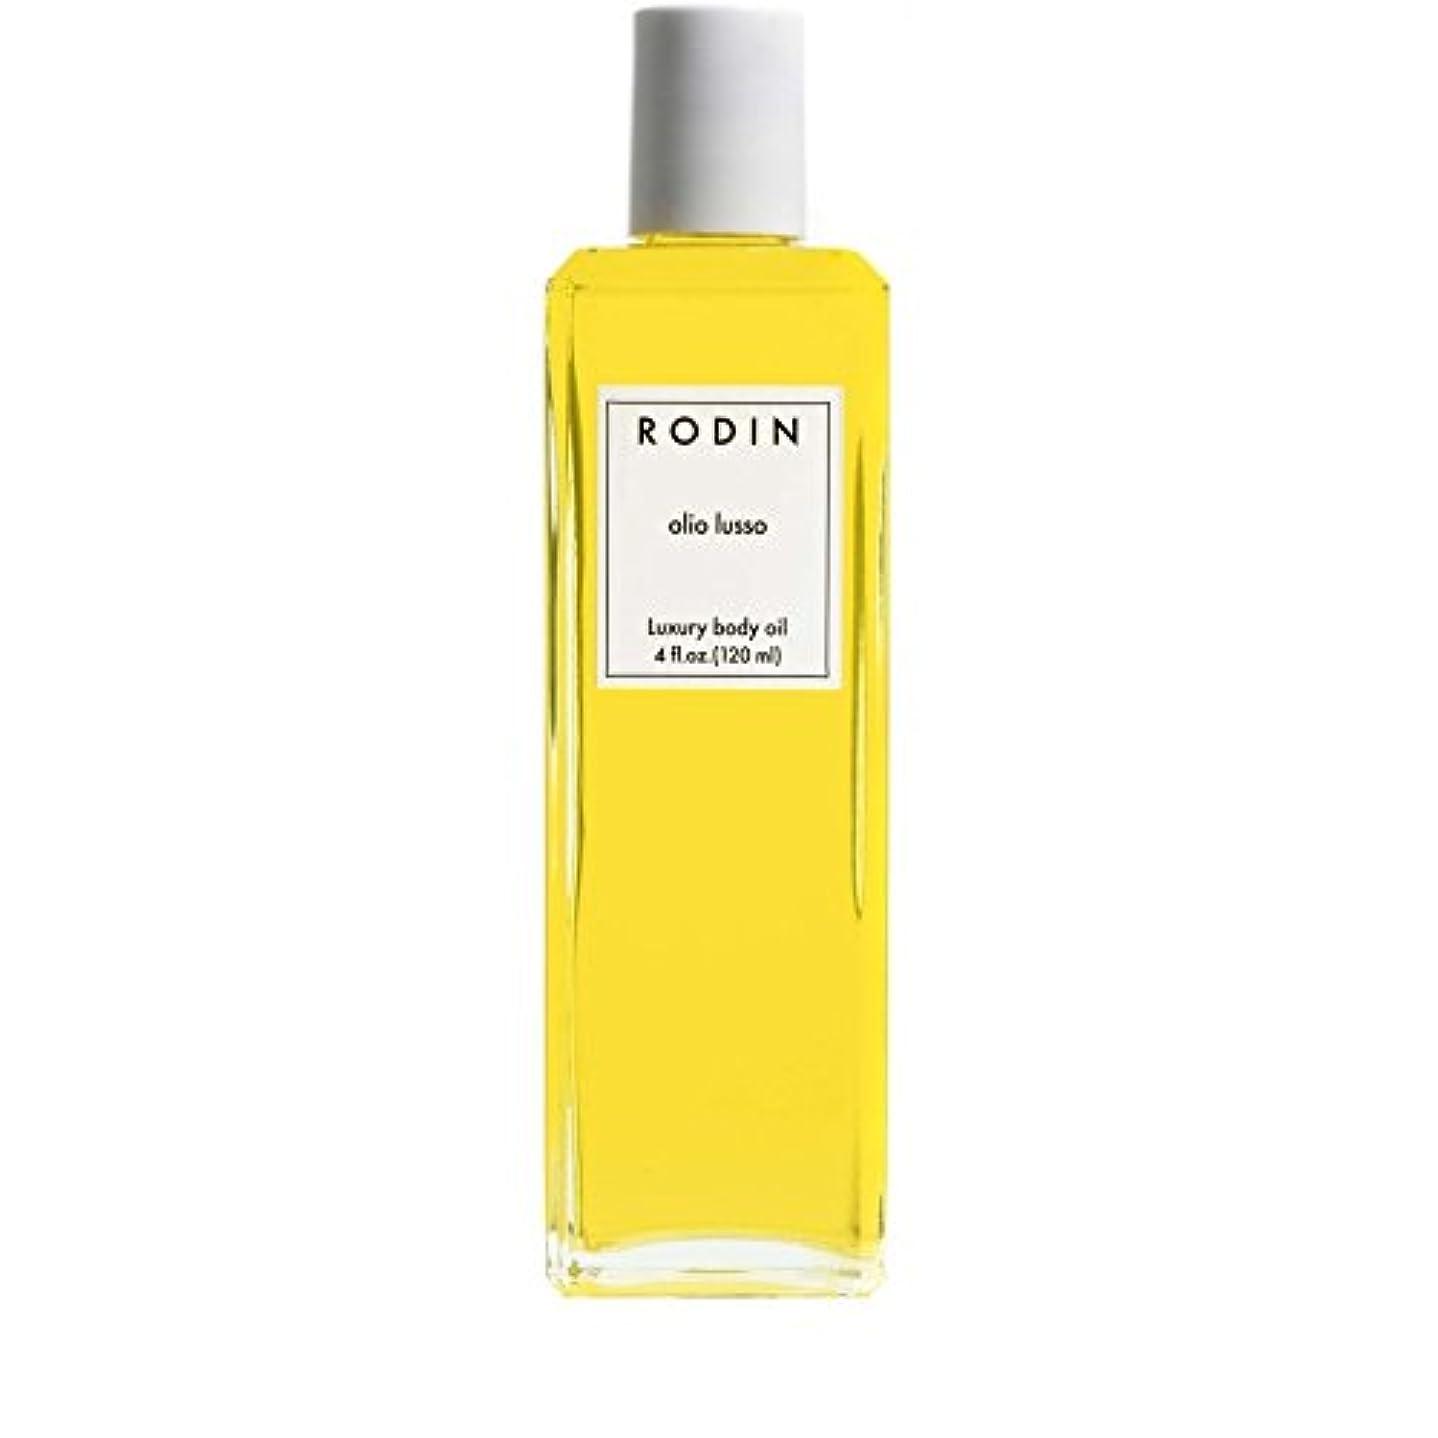 含む指紋有益なRODIN olio lusso Jasmine & Neroli Luxury Body Oil 120ml - ロダンルッソジャスミン&ネロリ贅沢なボディオイル120ミリリットル [並行輸入品]